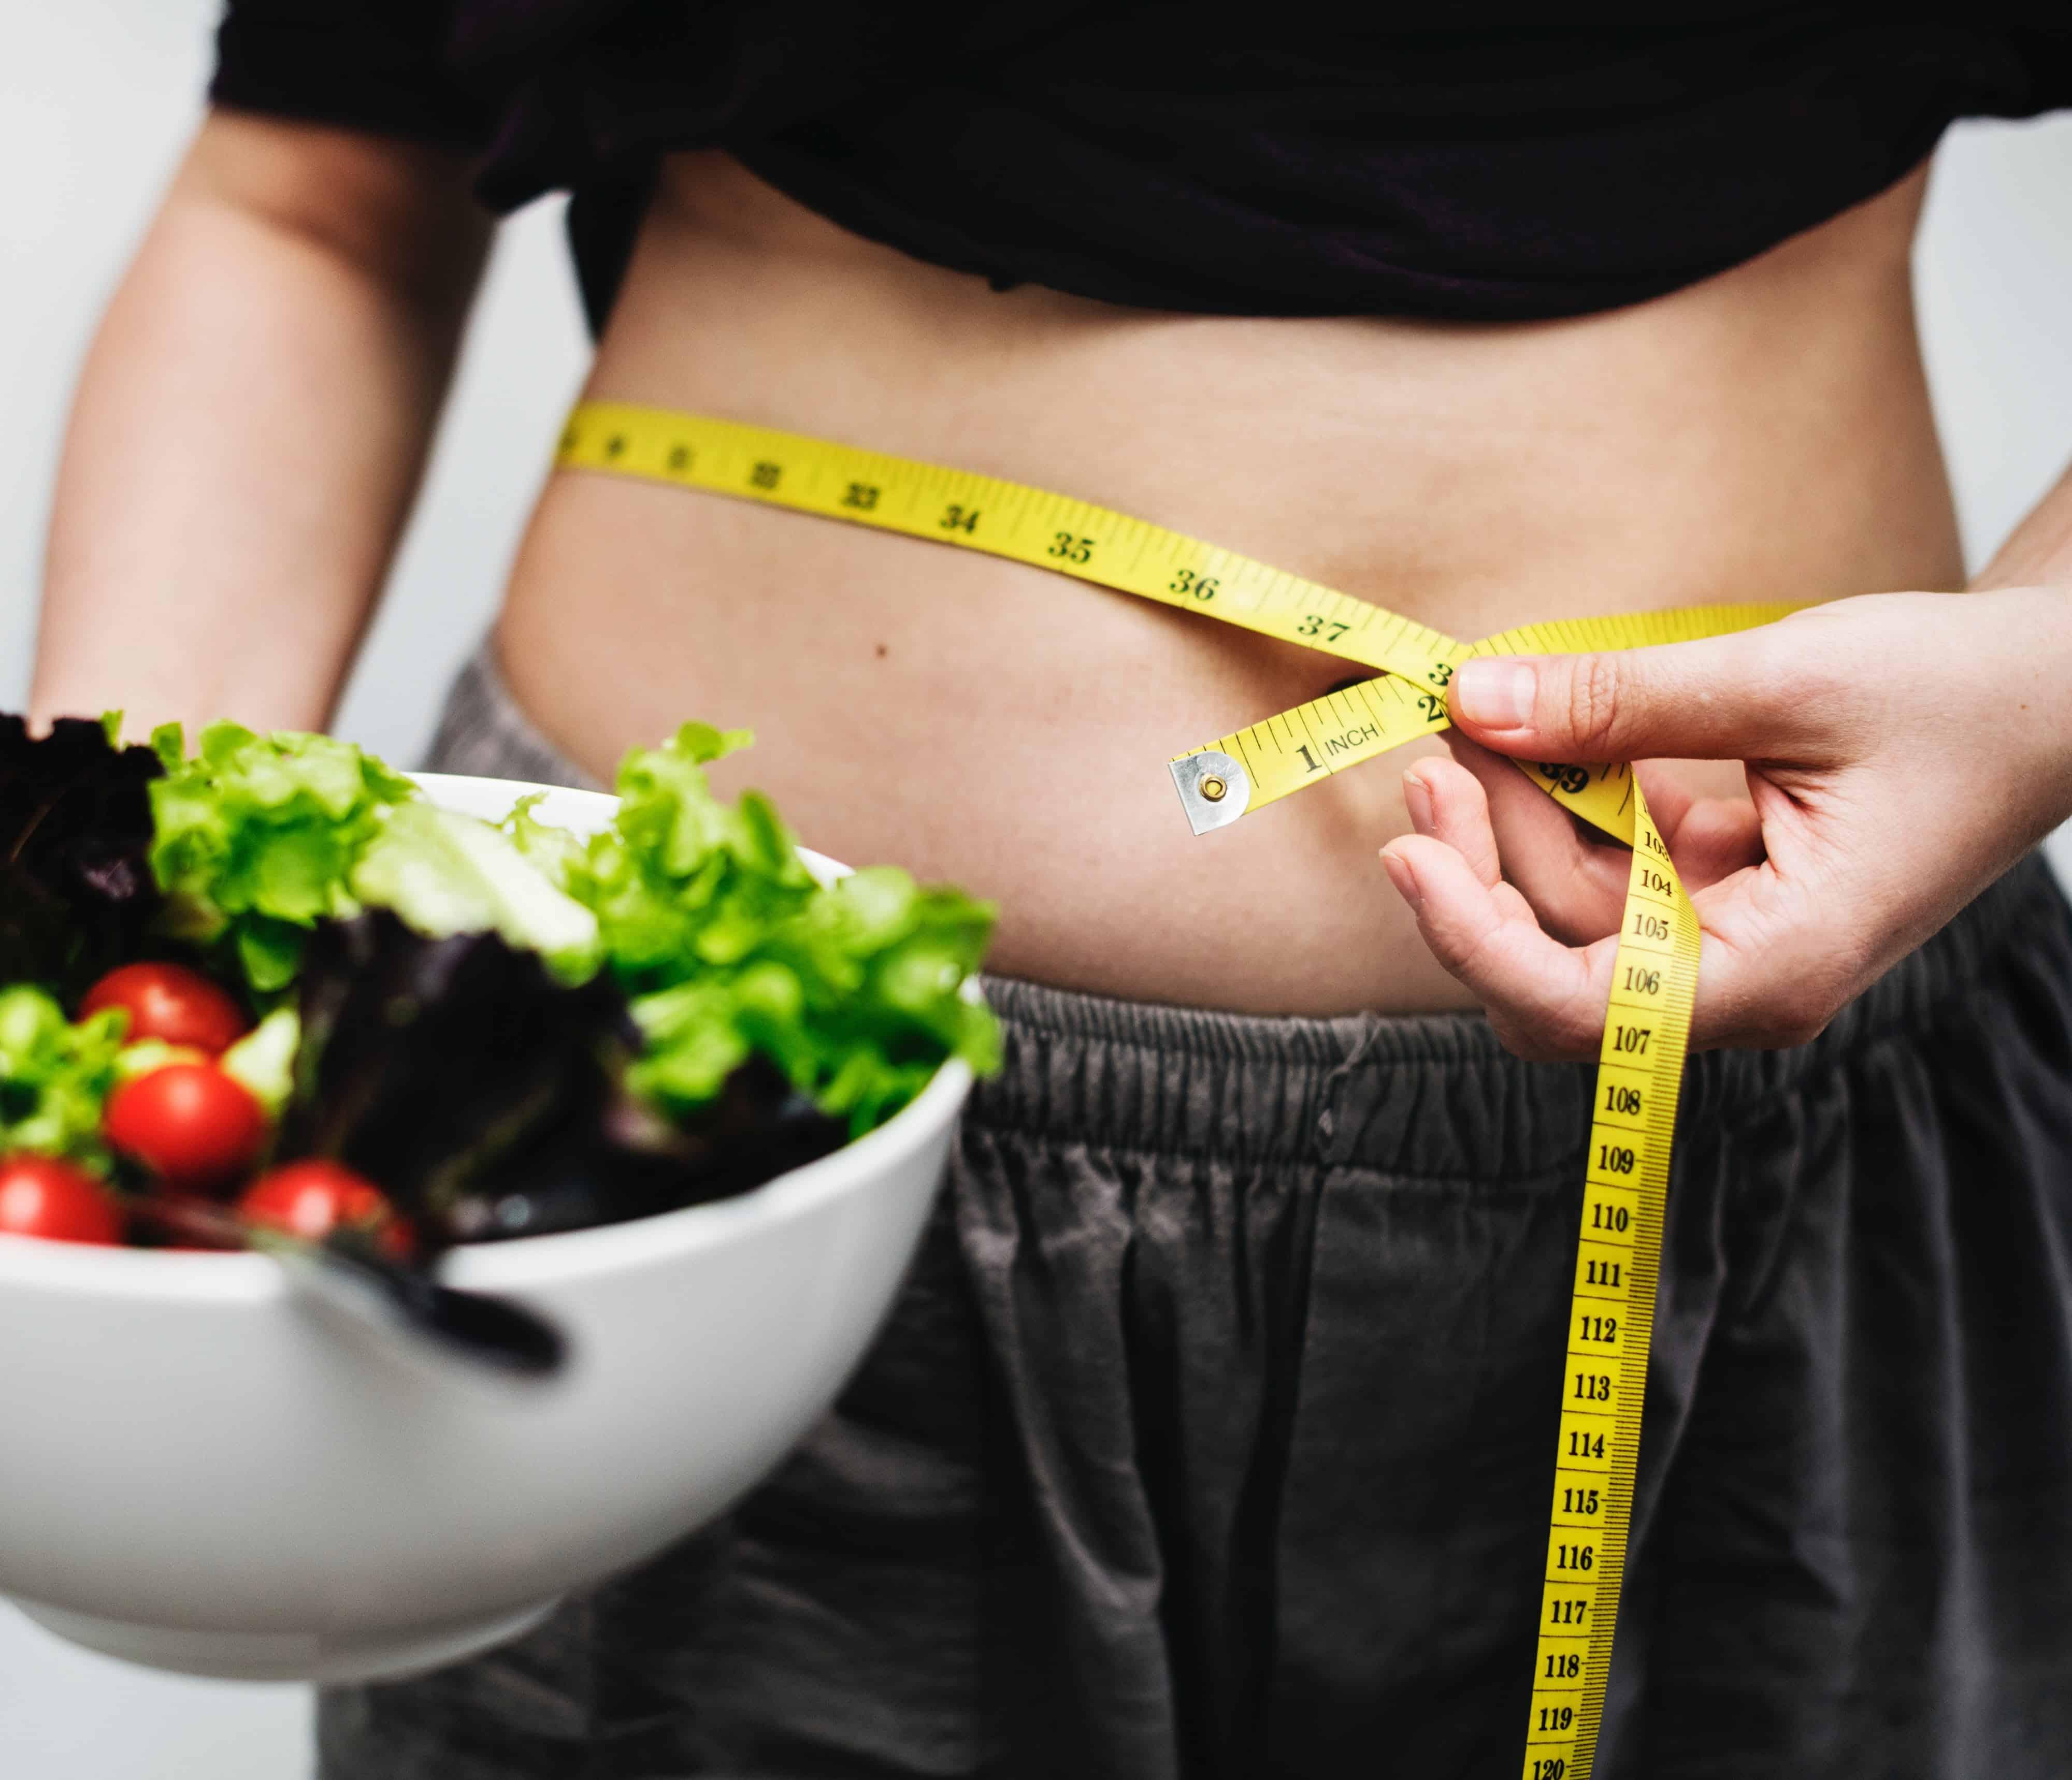 Akdeniz diyeti, hızlı kilo verme, zayıflama, göbek eritme